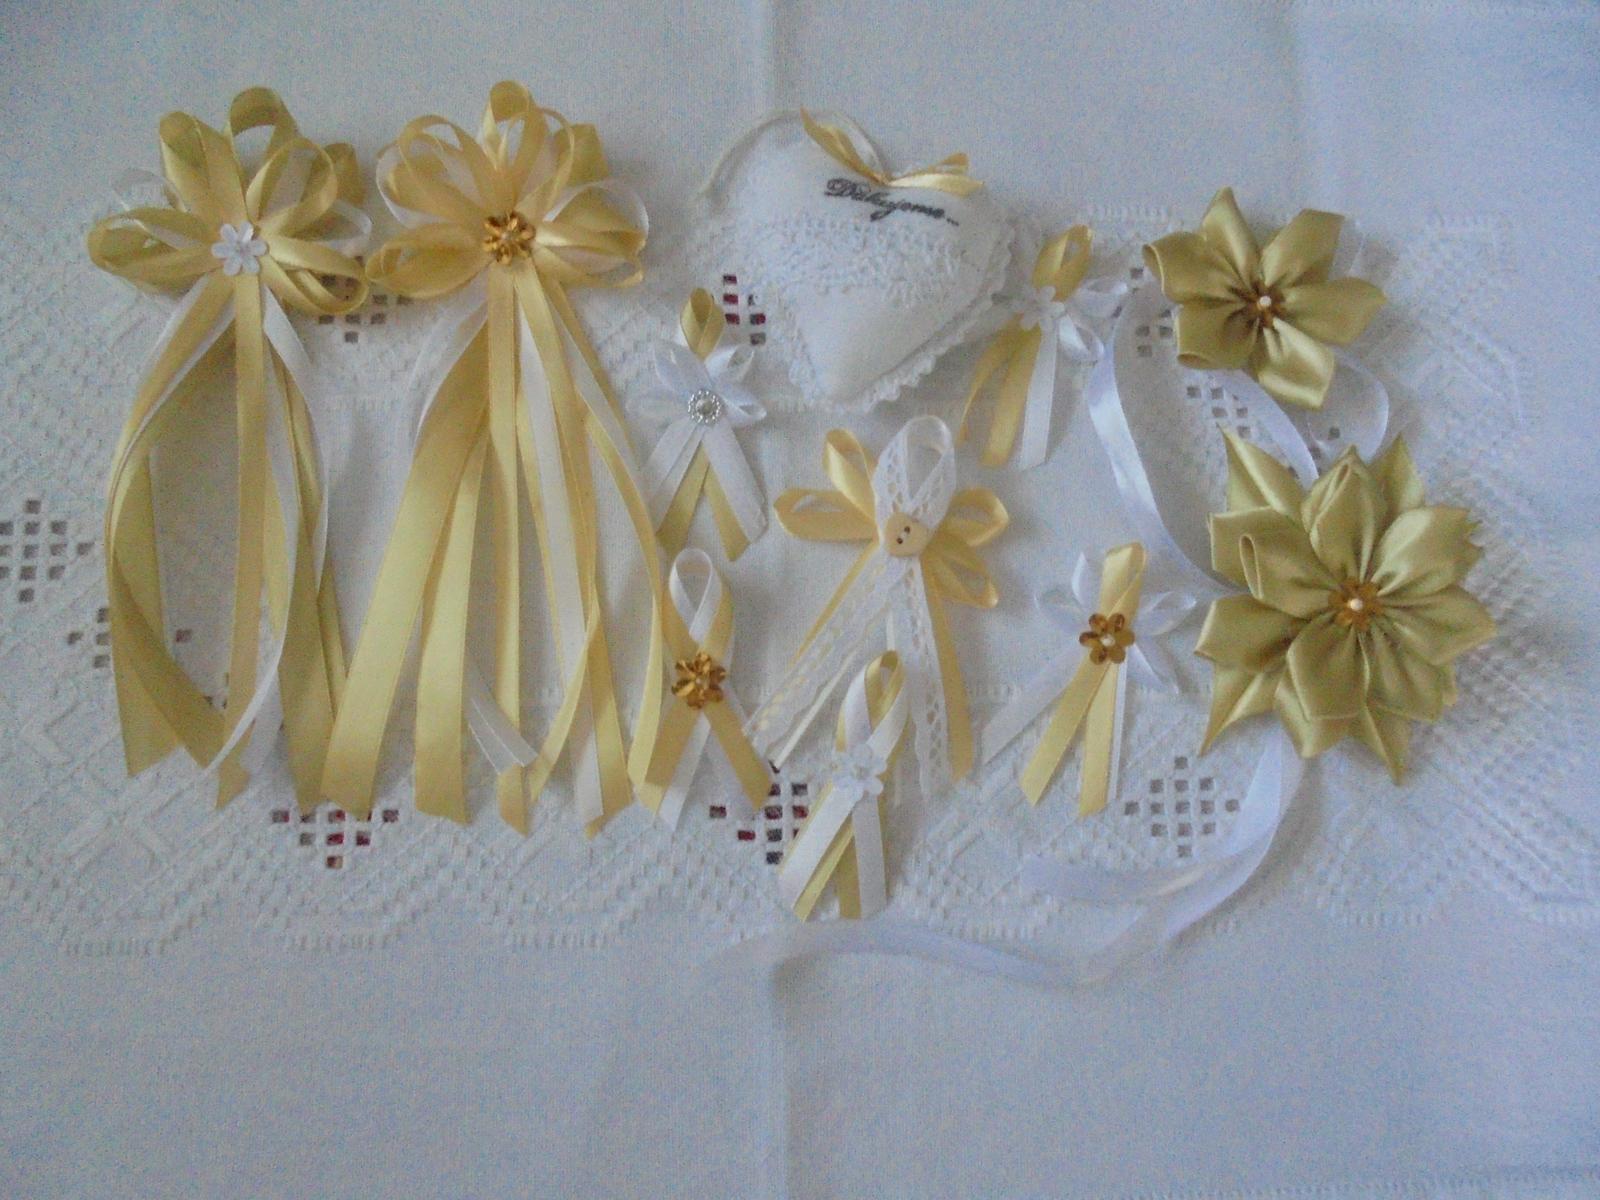 Svadobná dekoracia bielo-zlatá - Obrázok č. 5